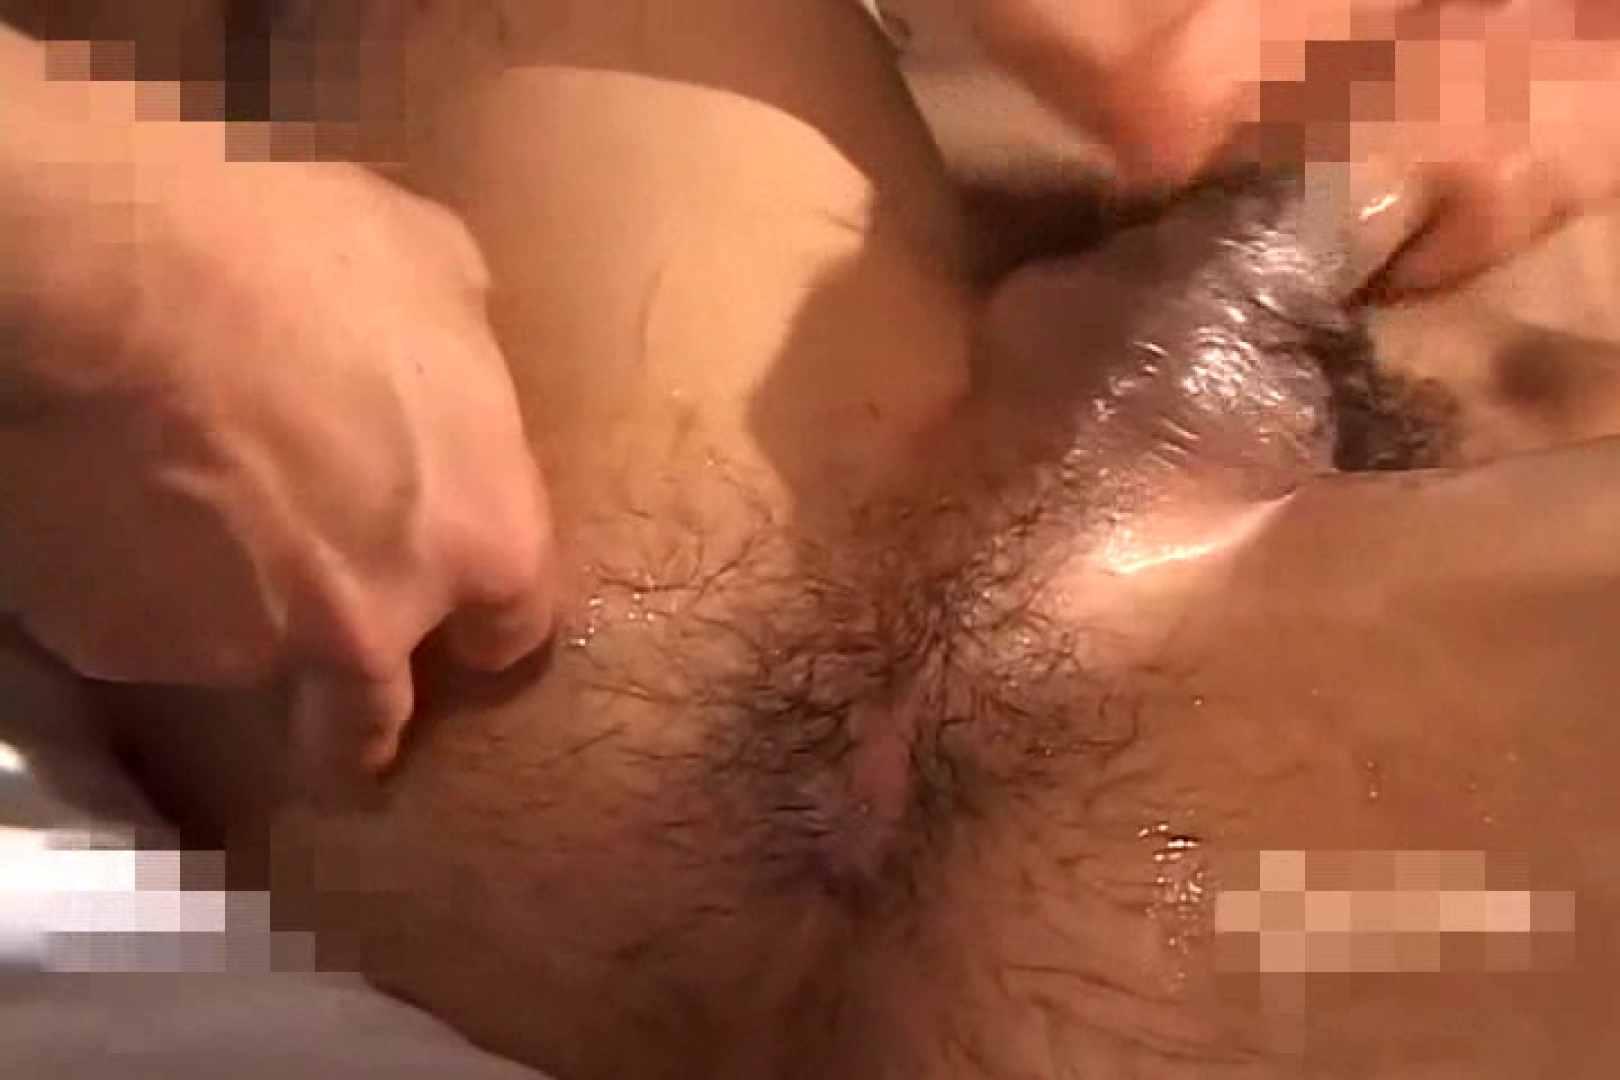 ゲイザーメン動画|Beautiful muscle モッコリ野郎達!Vol.08|アナル責め